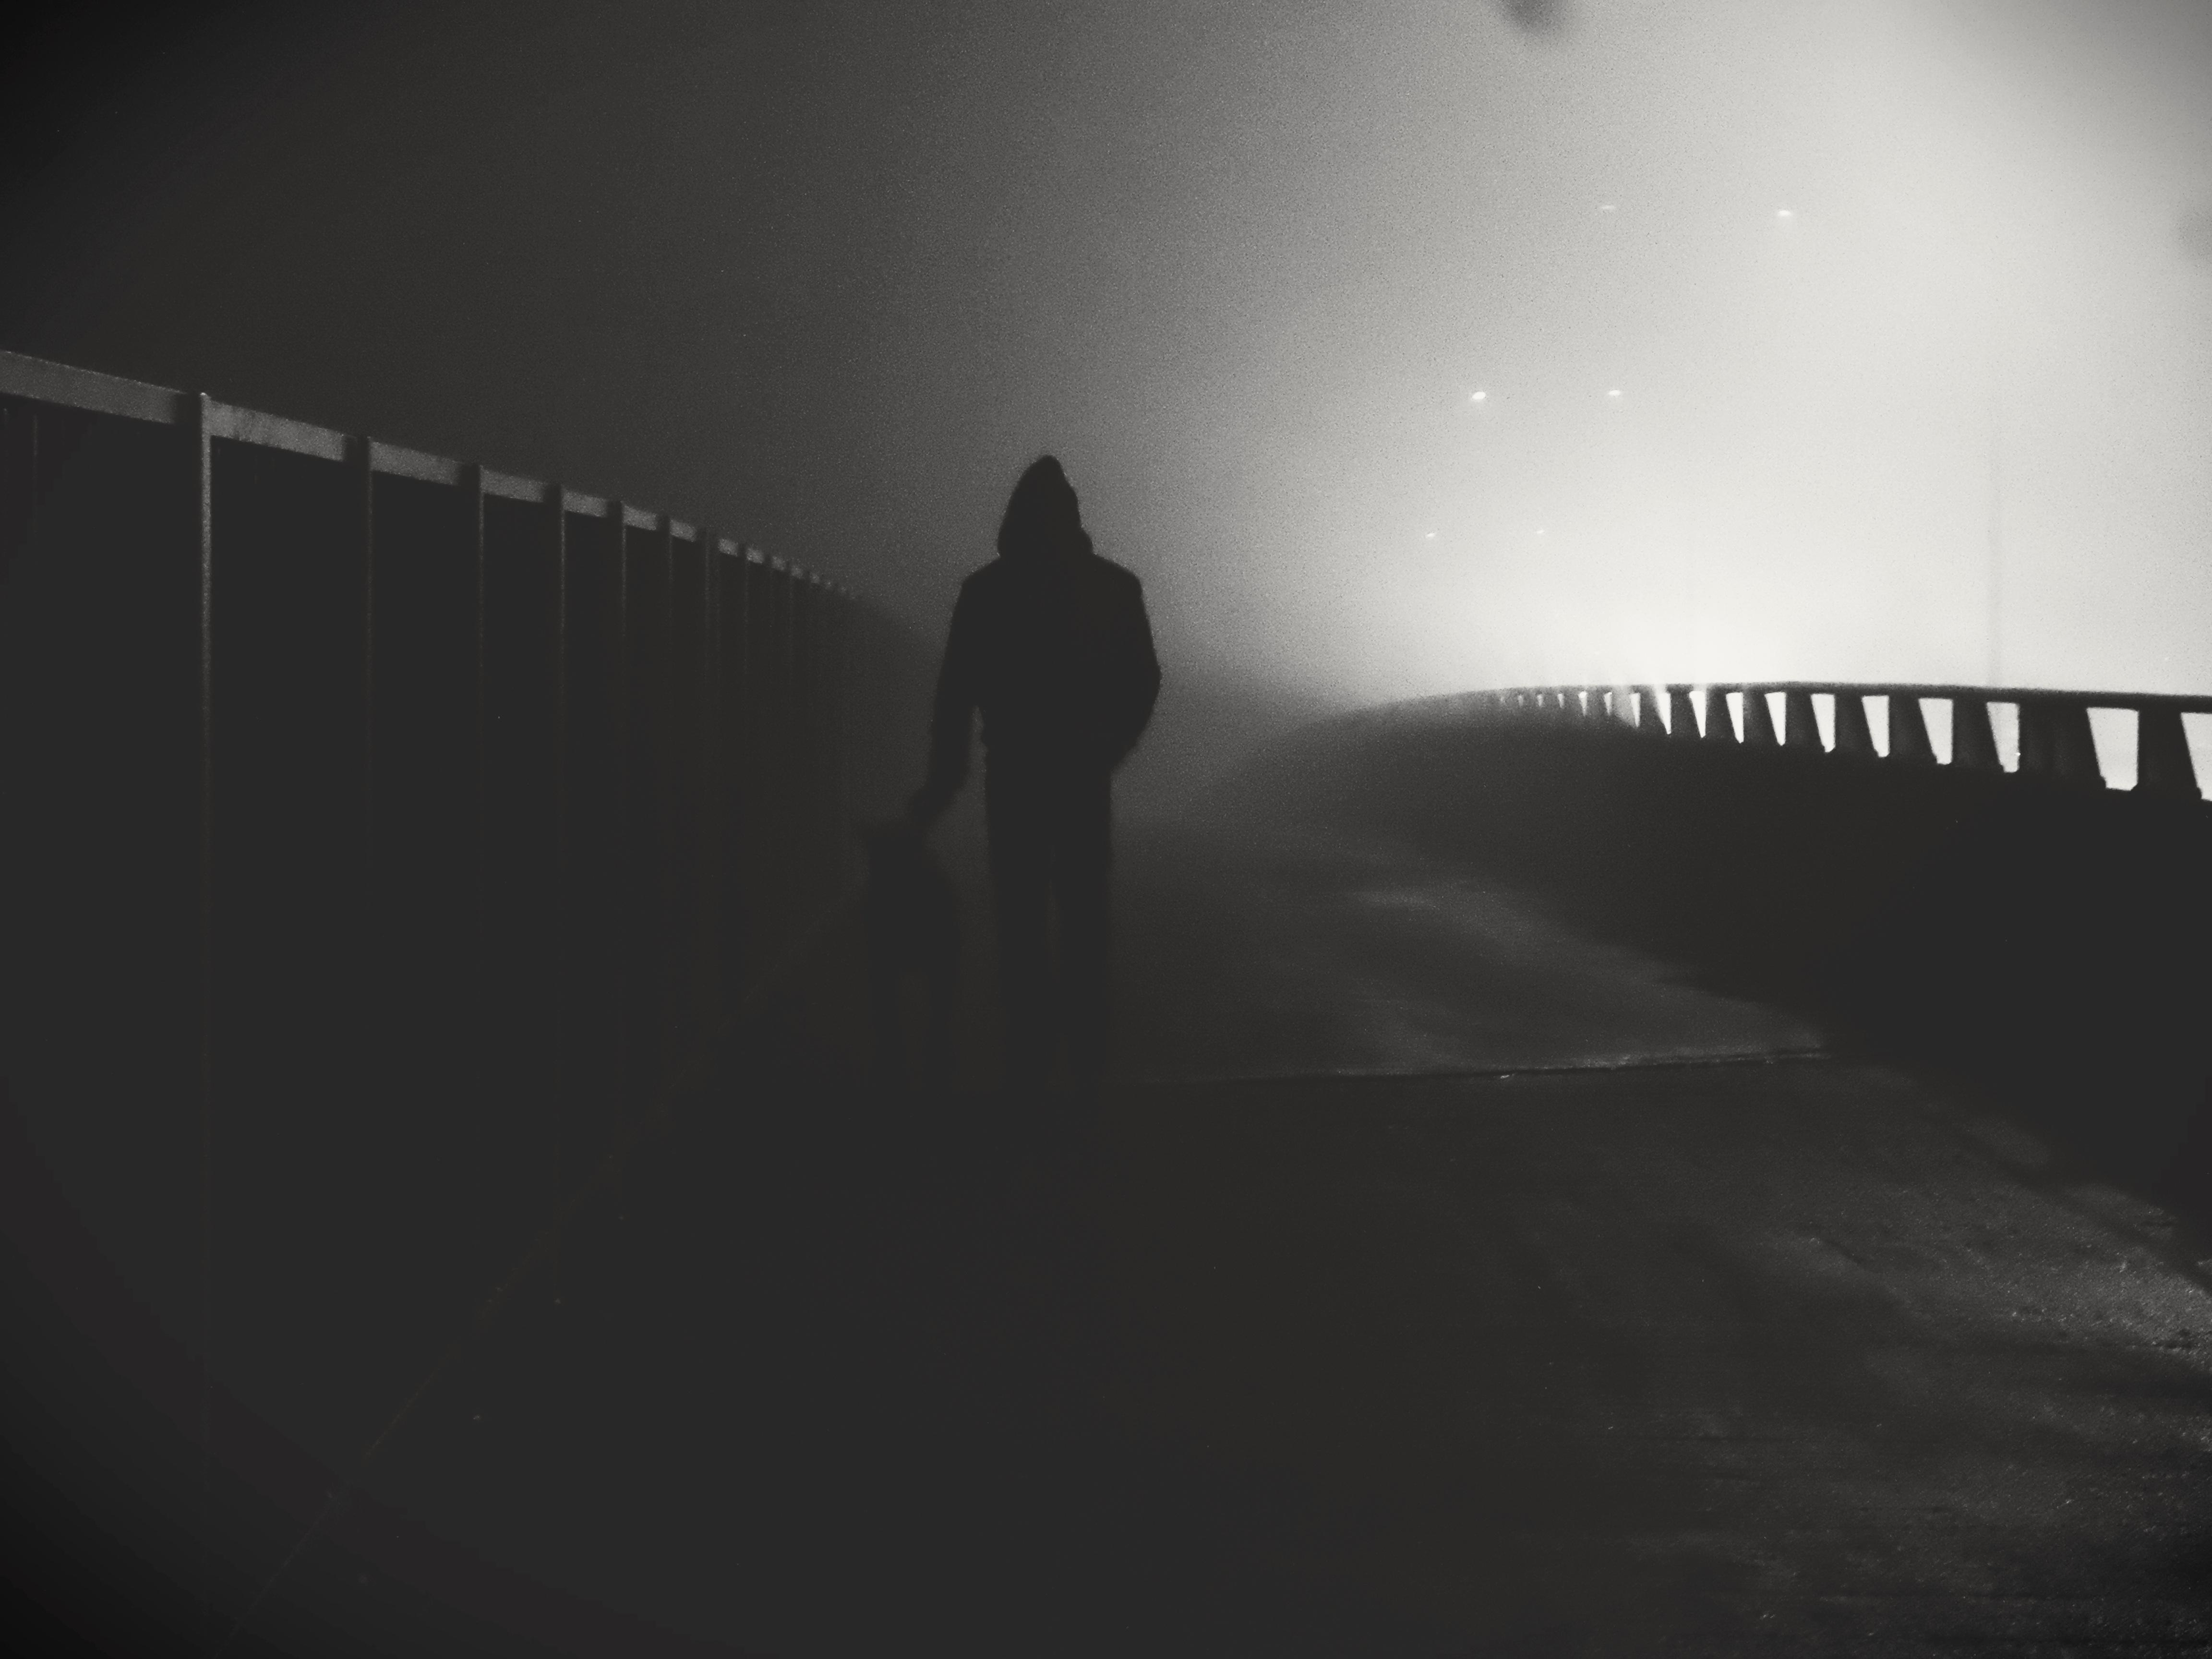 картинки ушла в тень большом поле